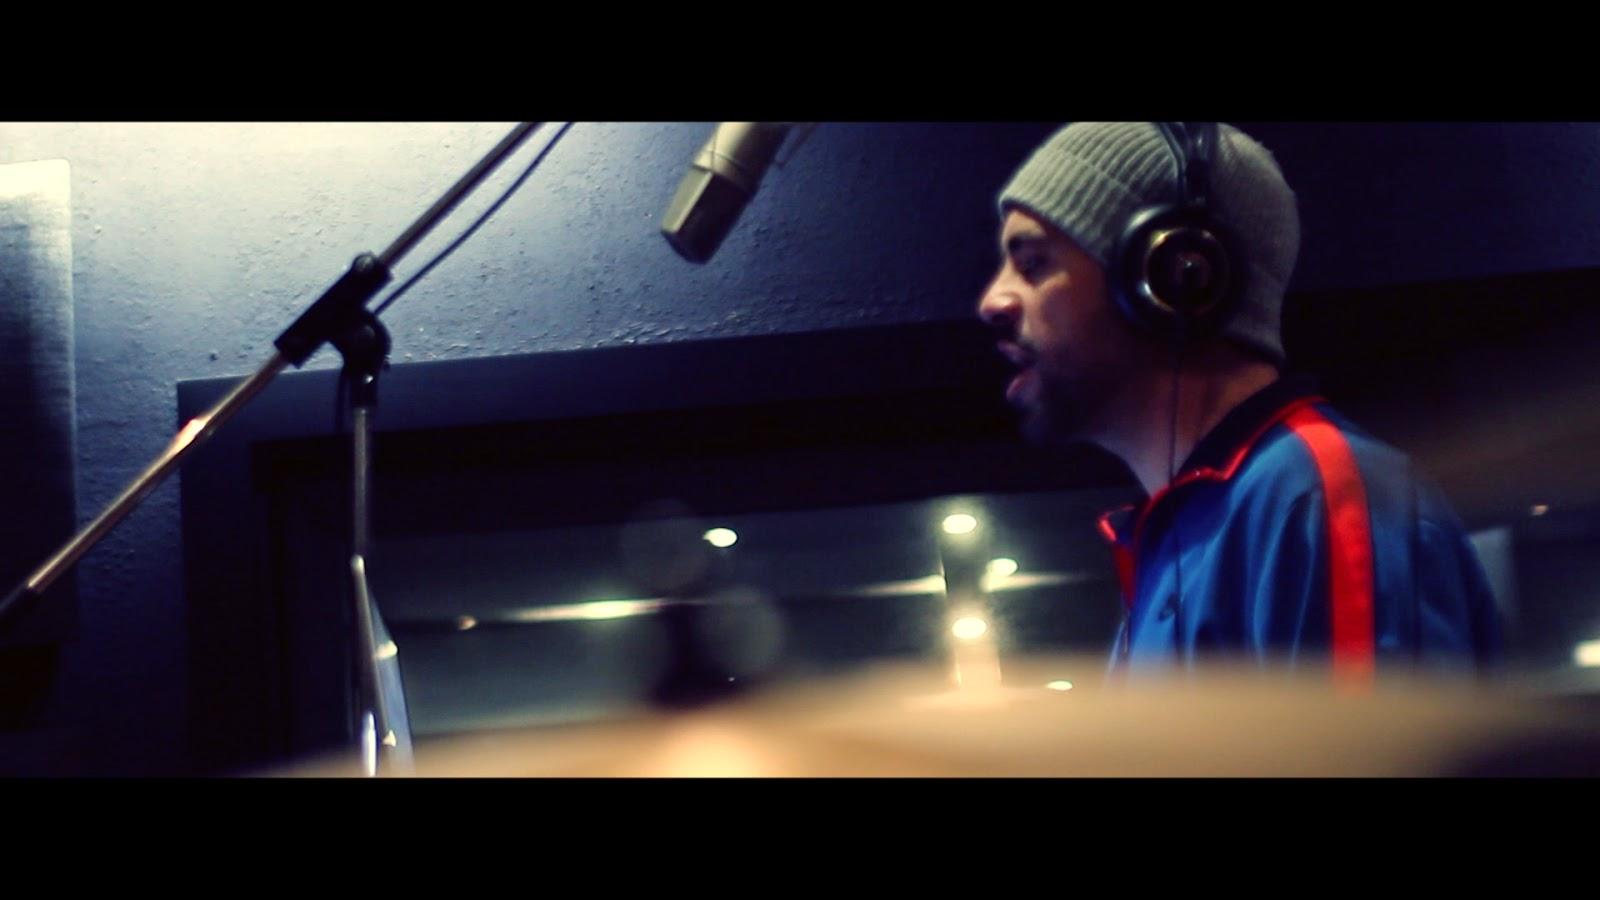 Inquérito lança vídeocom Arnaldo Antunes gravado em estúdio